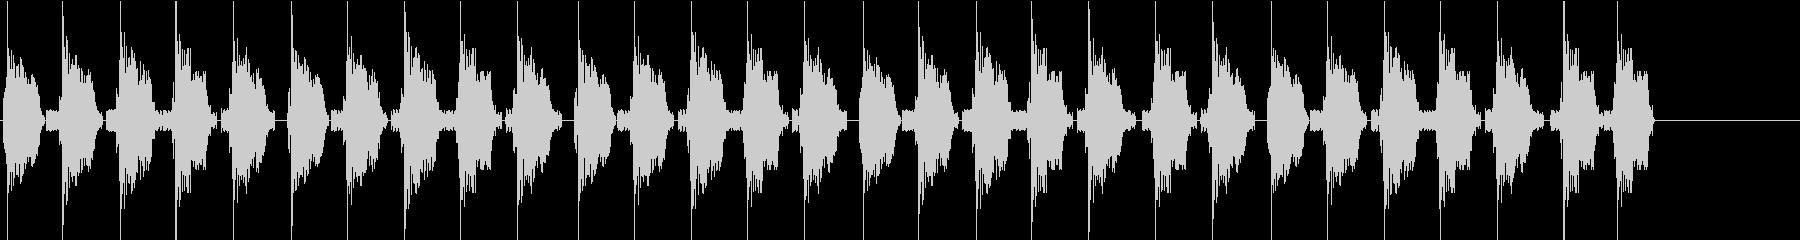 KANTププププ自主規制音1lの未再生の波形